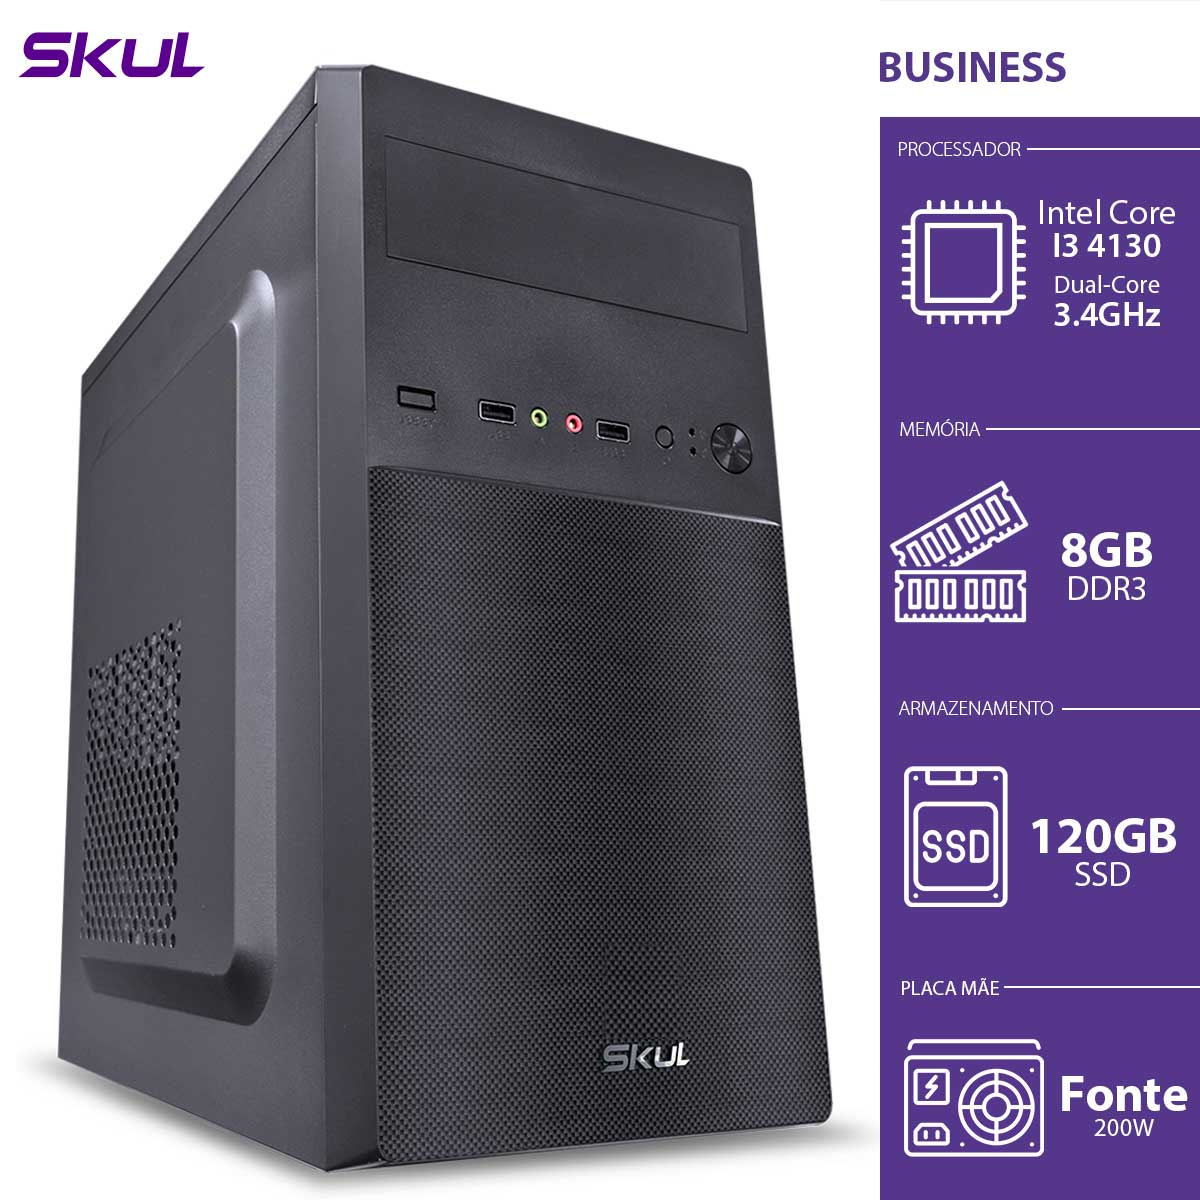 COMPUTADOR BUSINESS B300 - I3 4130 3.4GHZ 8GB DDR3 SSD 120GB HDMI/VGA FONTE 200W